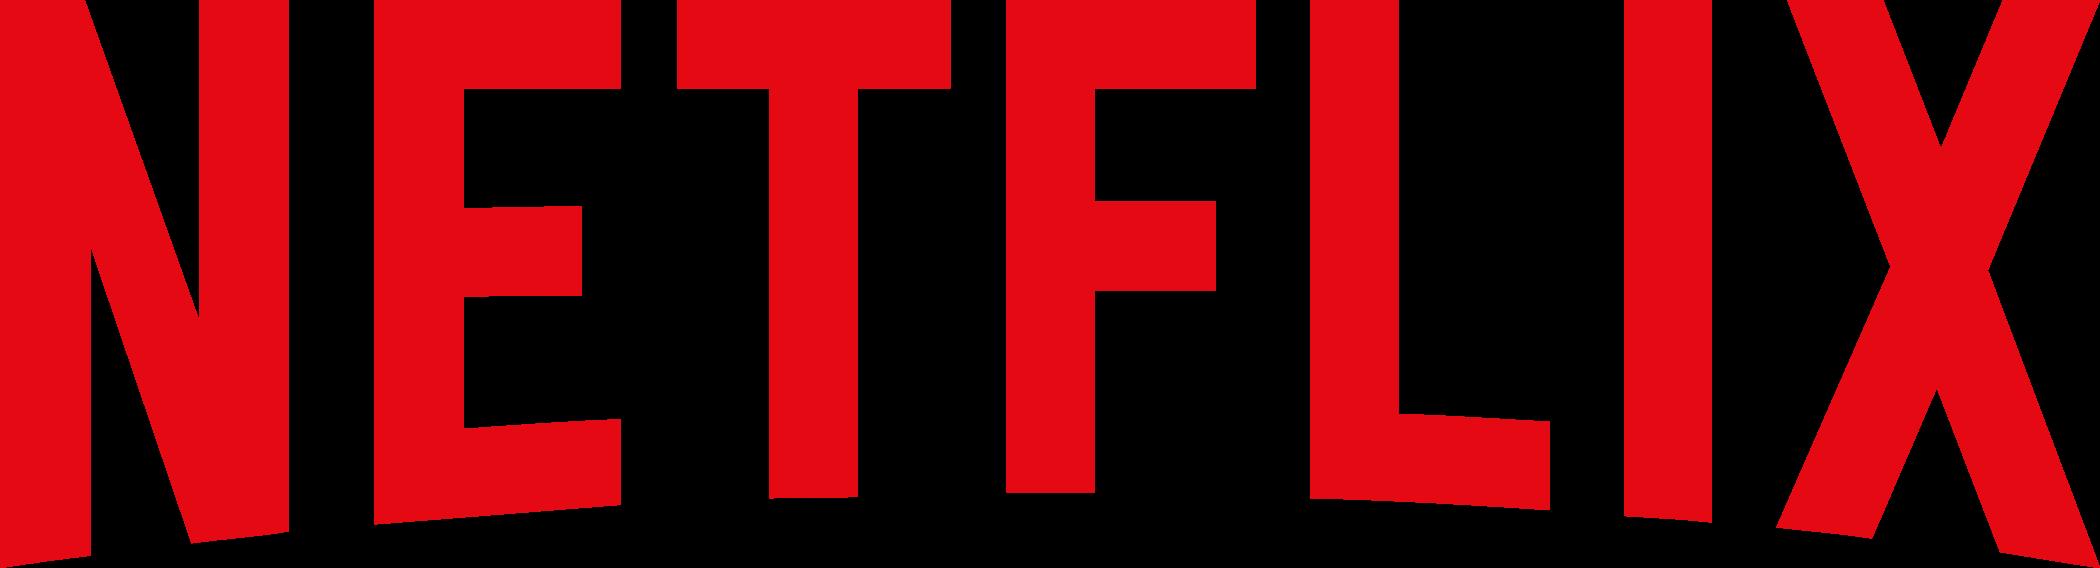 netflix logo 1 1 - Netflix Logo